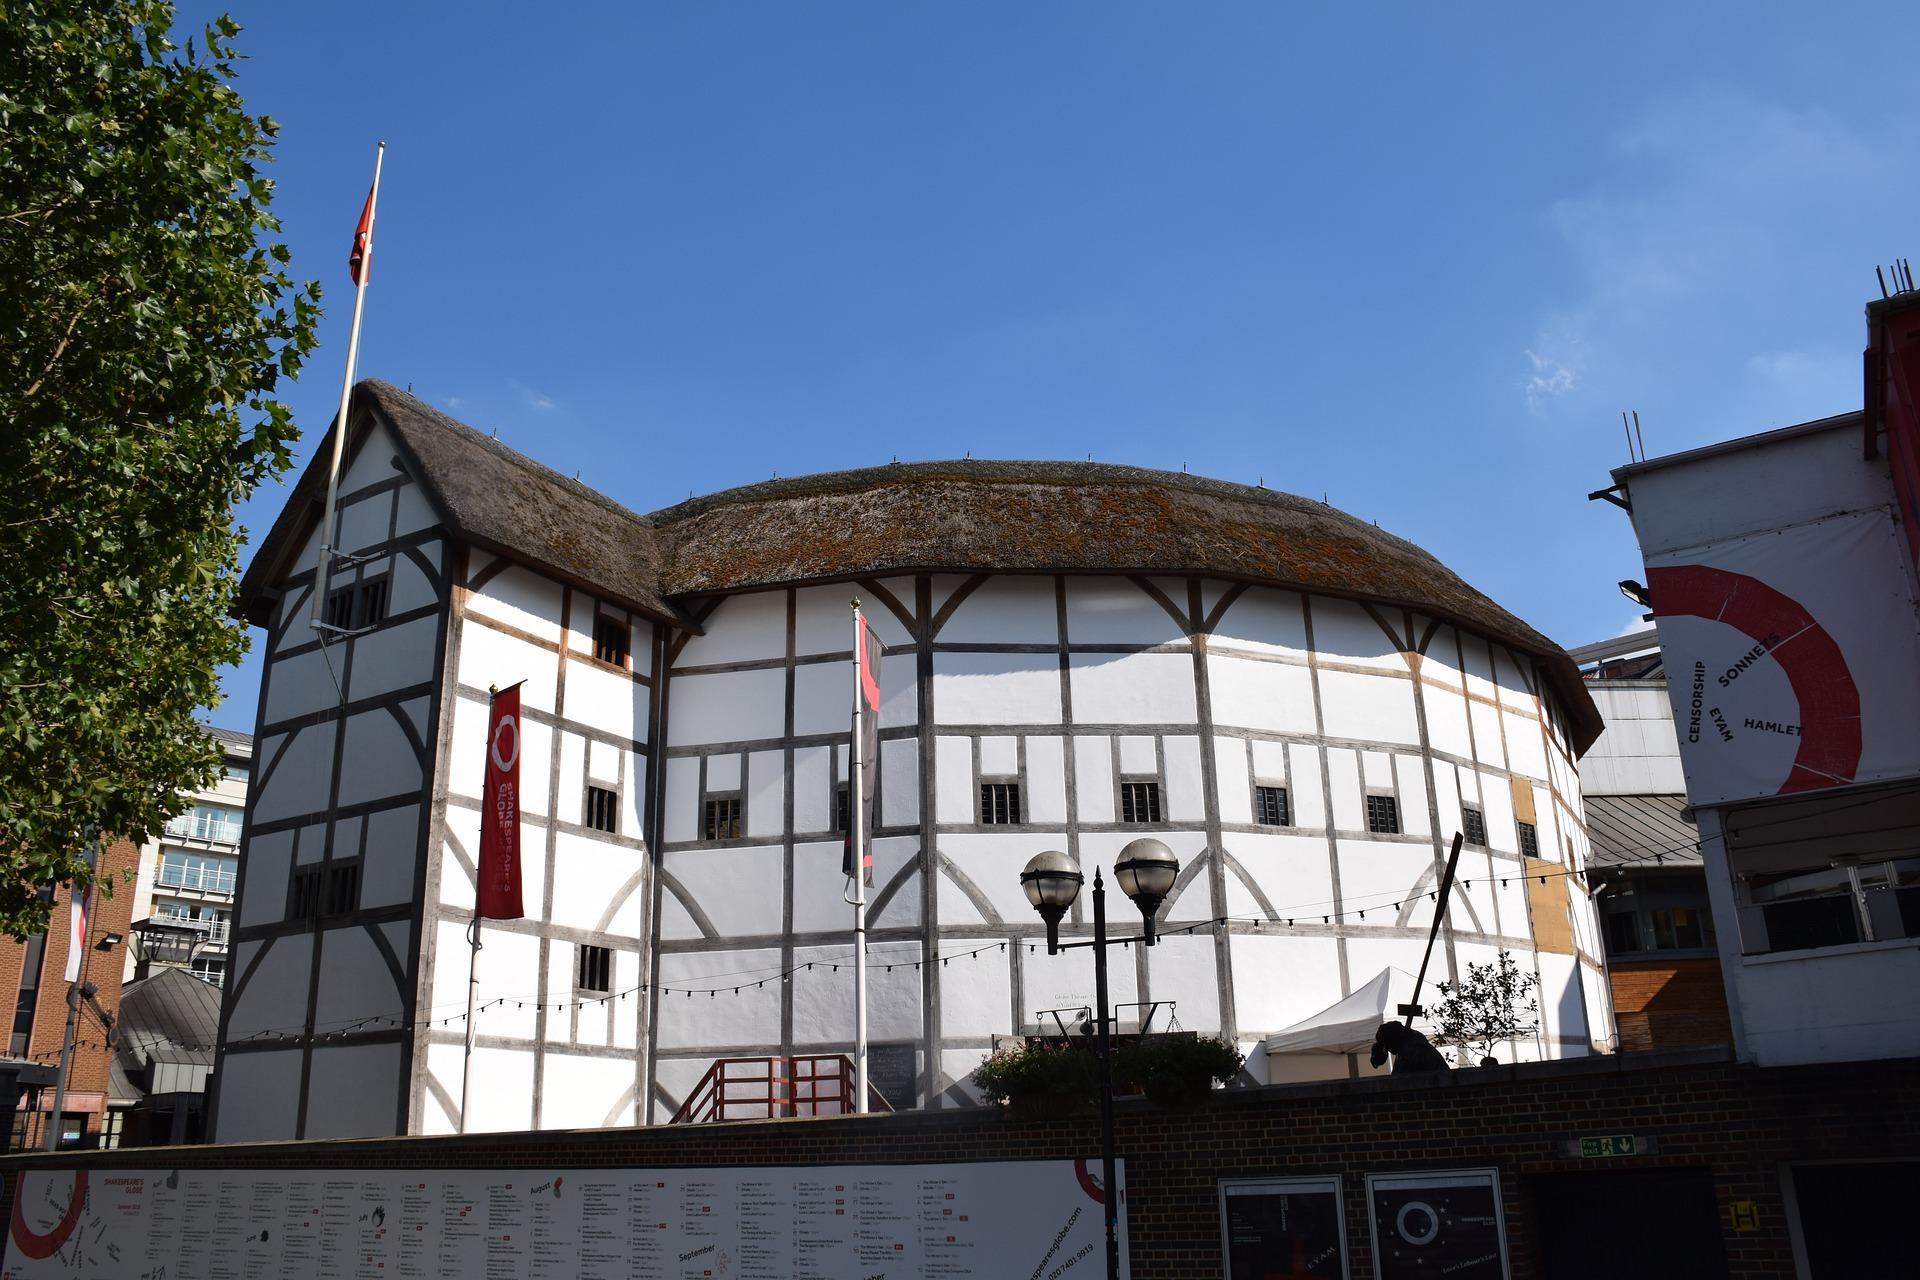 Shakespeare Theatre, London